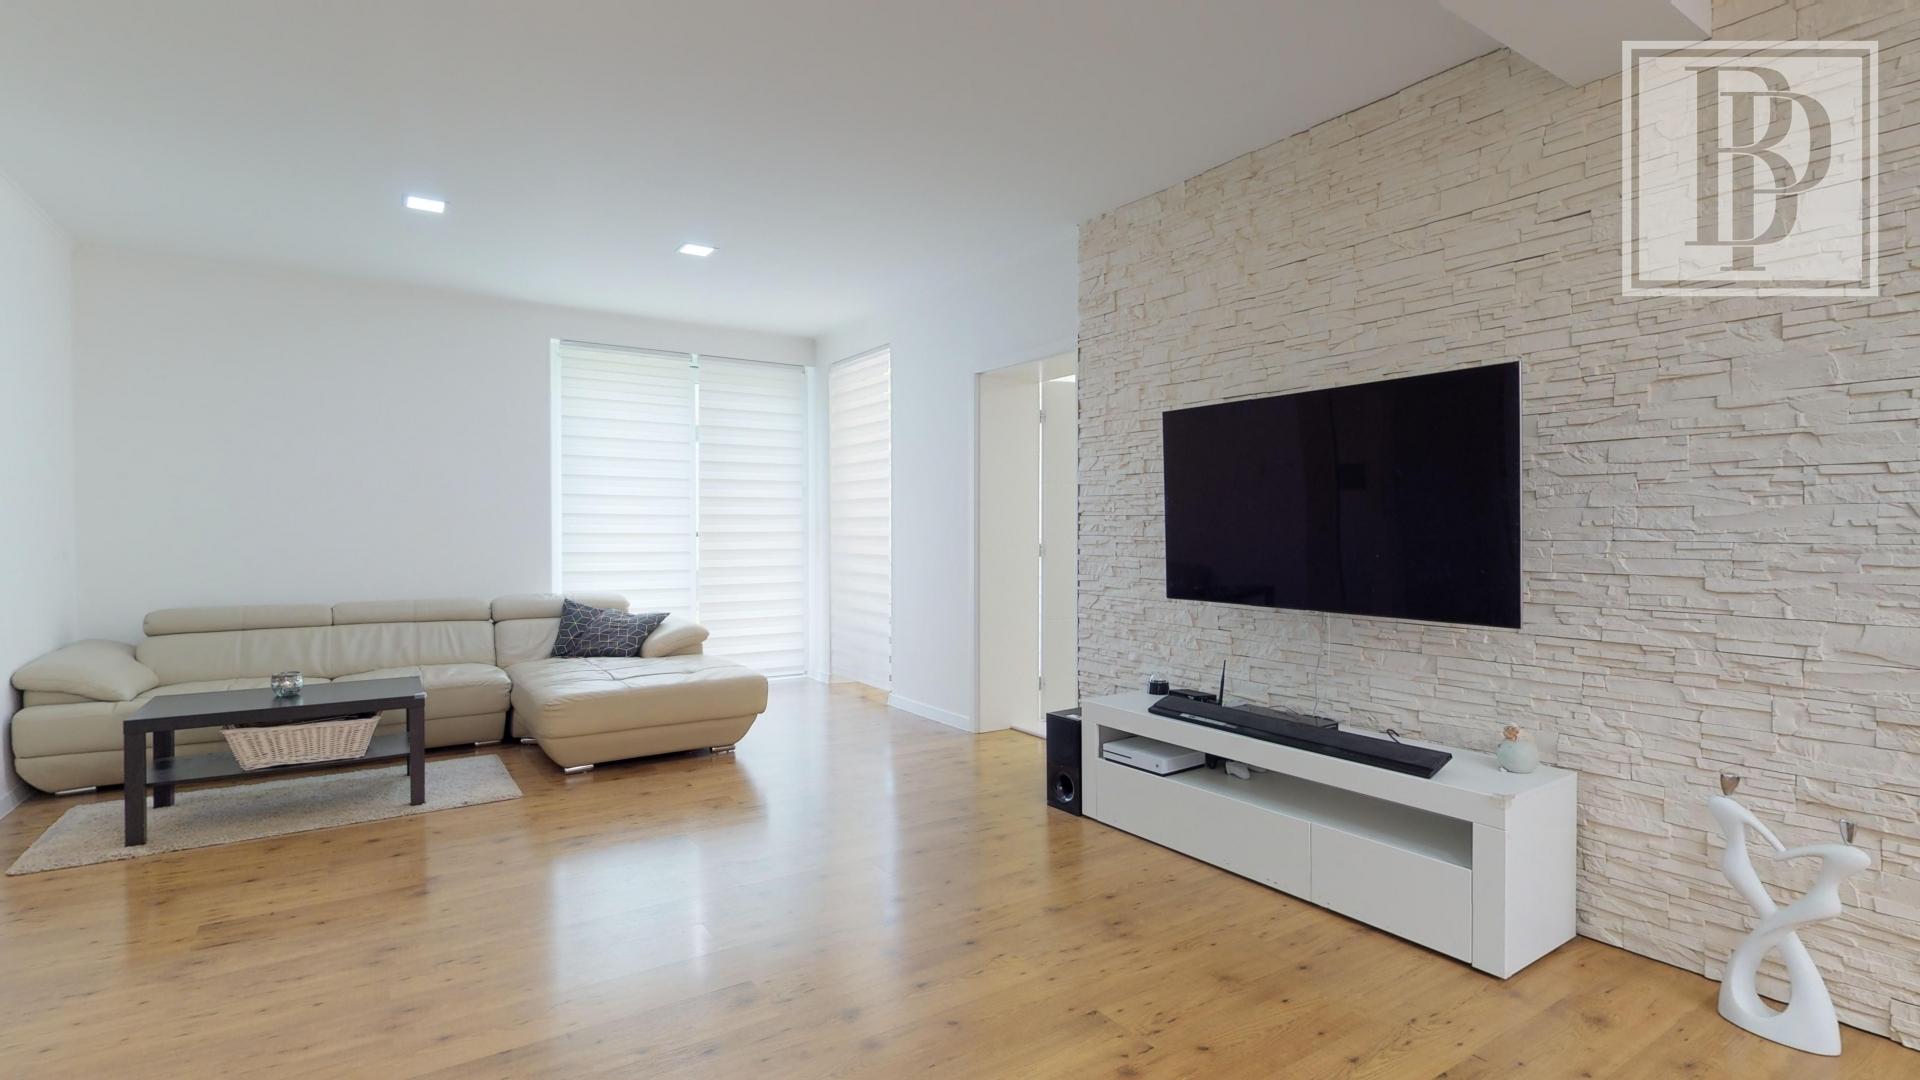 5-izbovy-rodinny-dom-Remax-06122019_143720